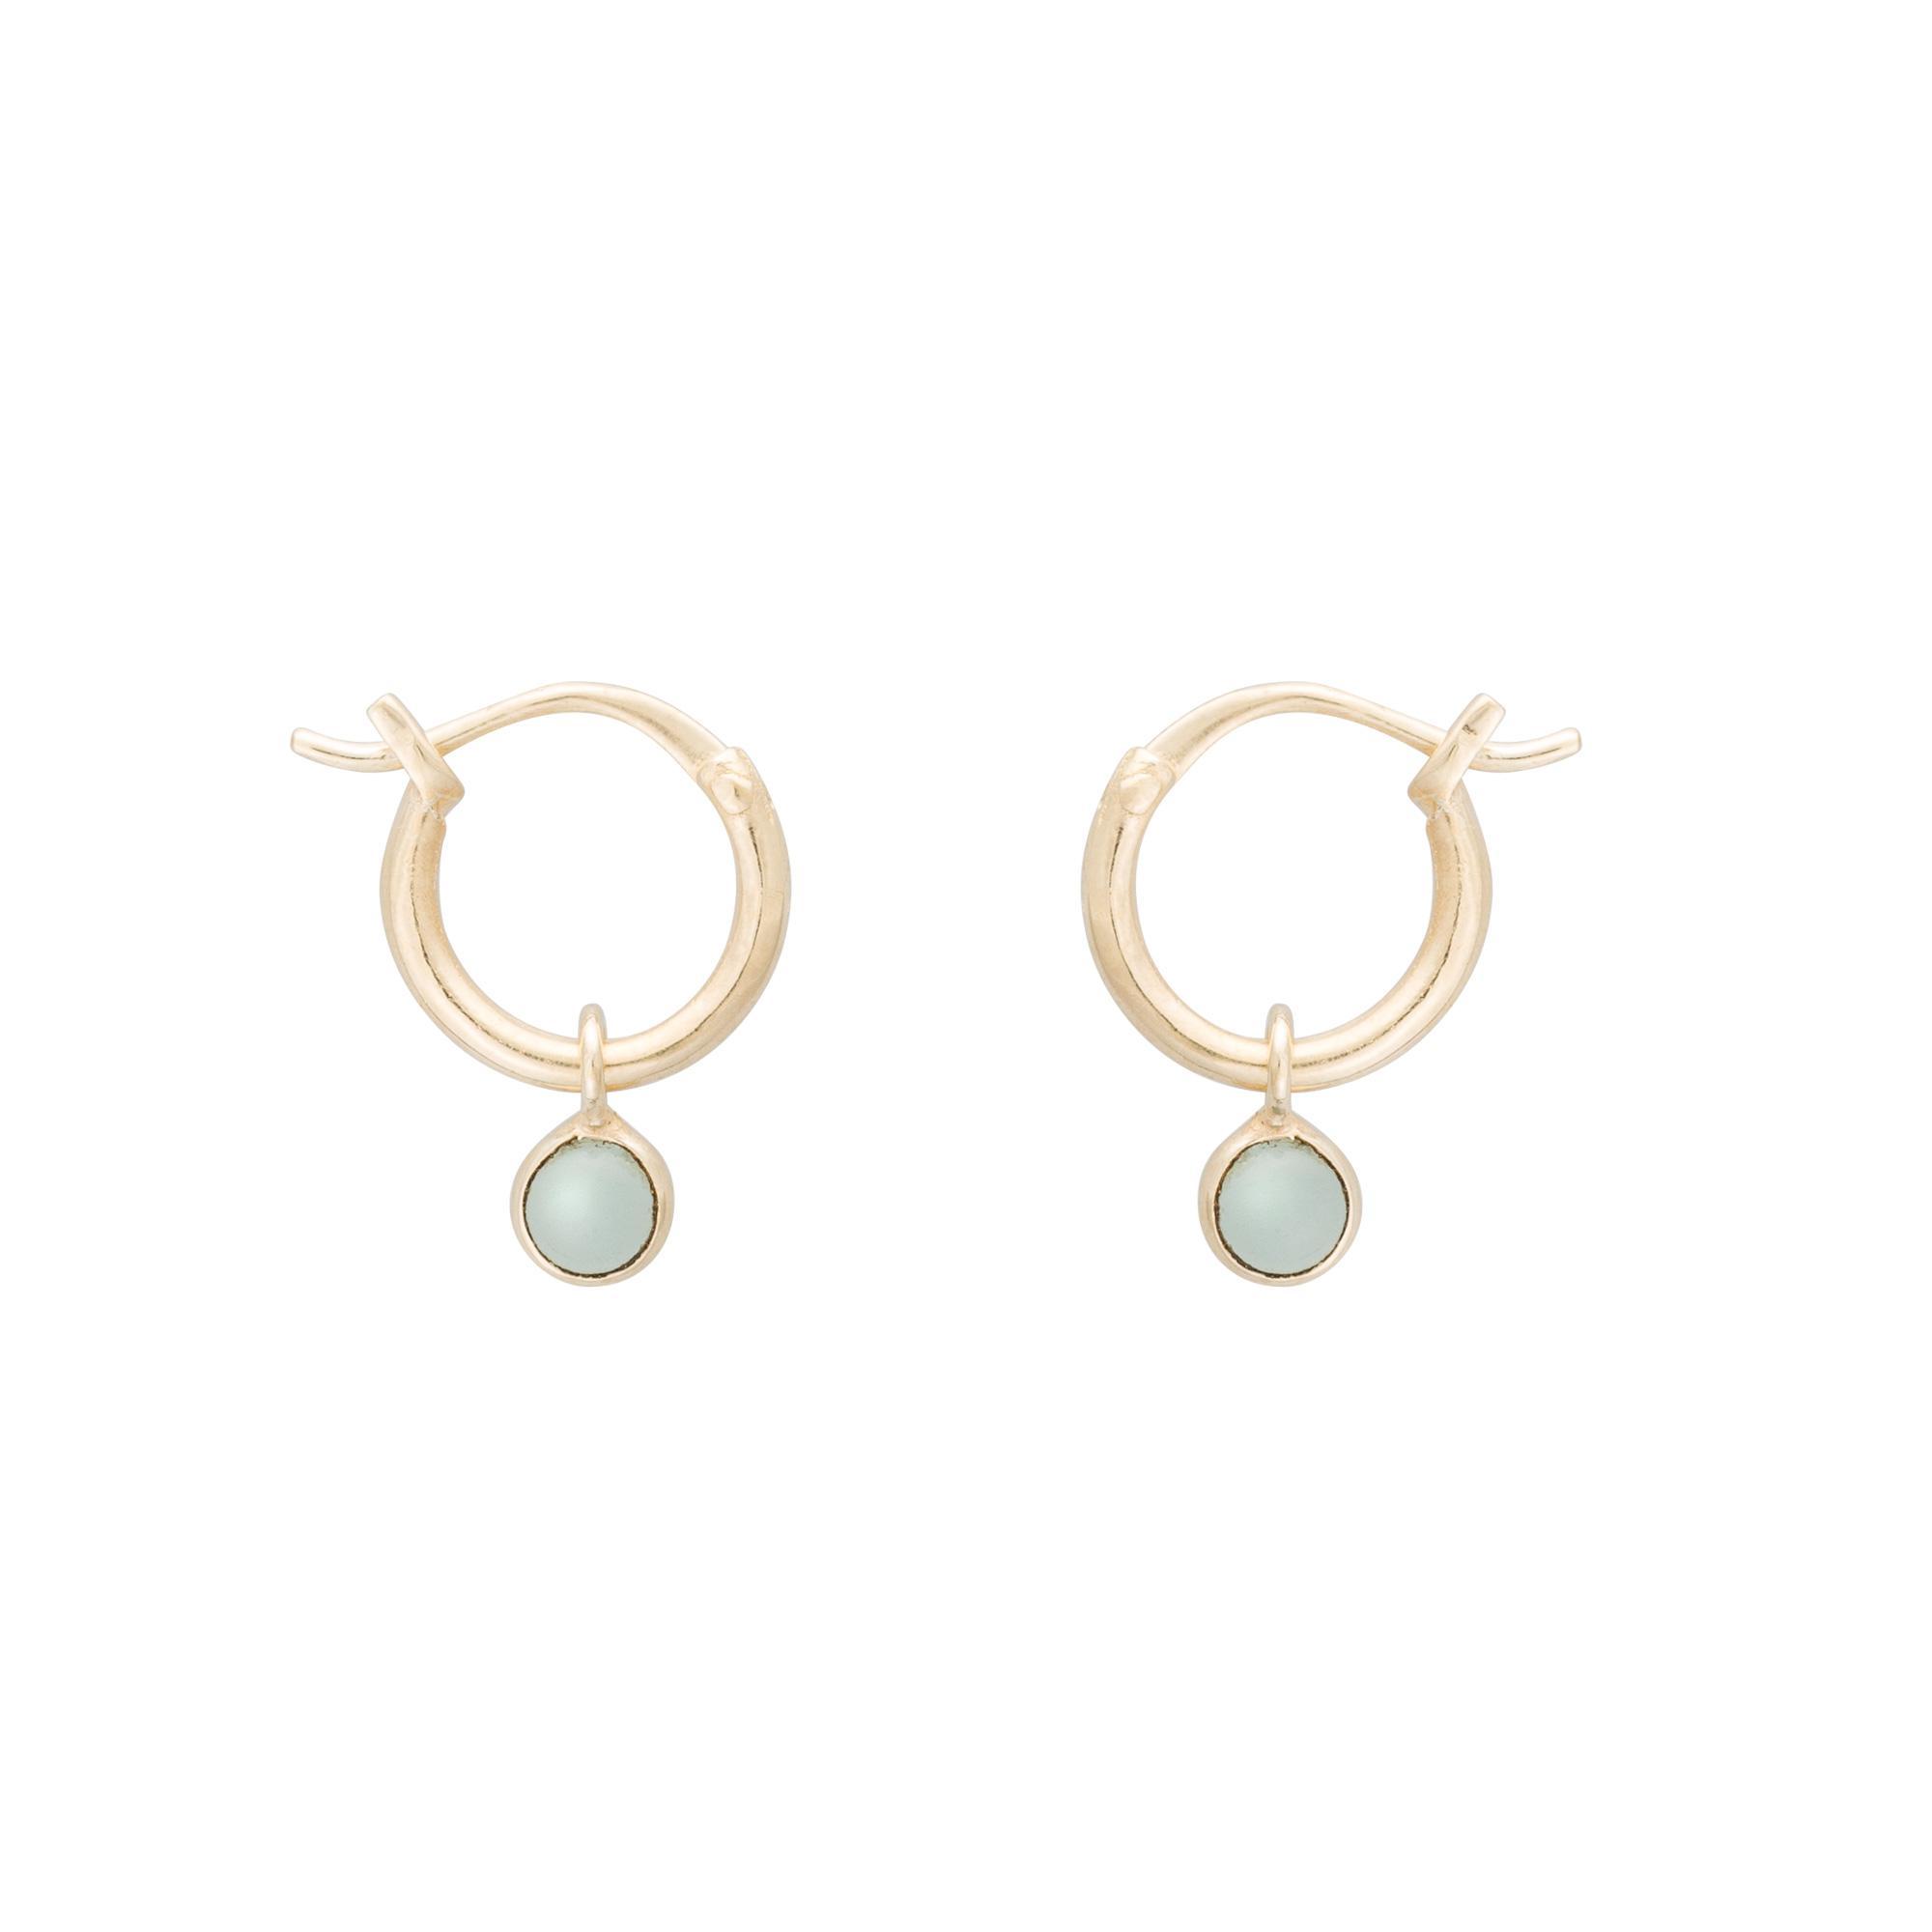 ef4d4eeb5 Oliver Bonas Nou Hoop & Sphere Gold Plated Earrings in Metallic - Lyst